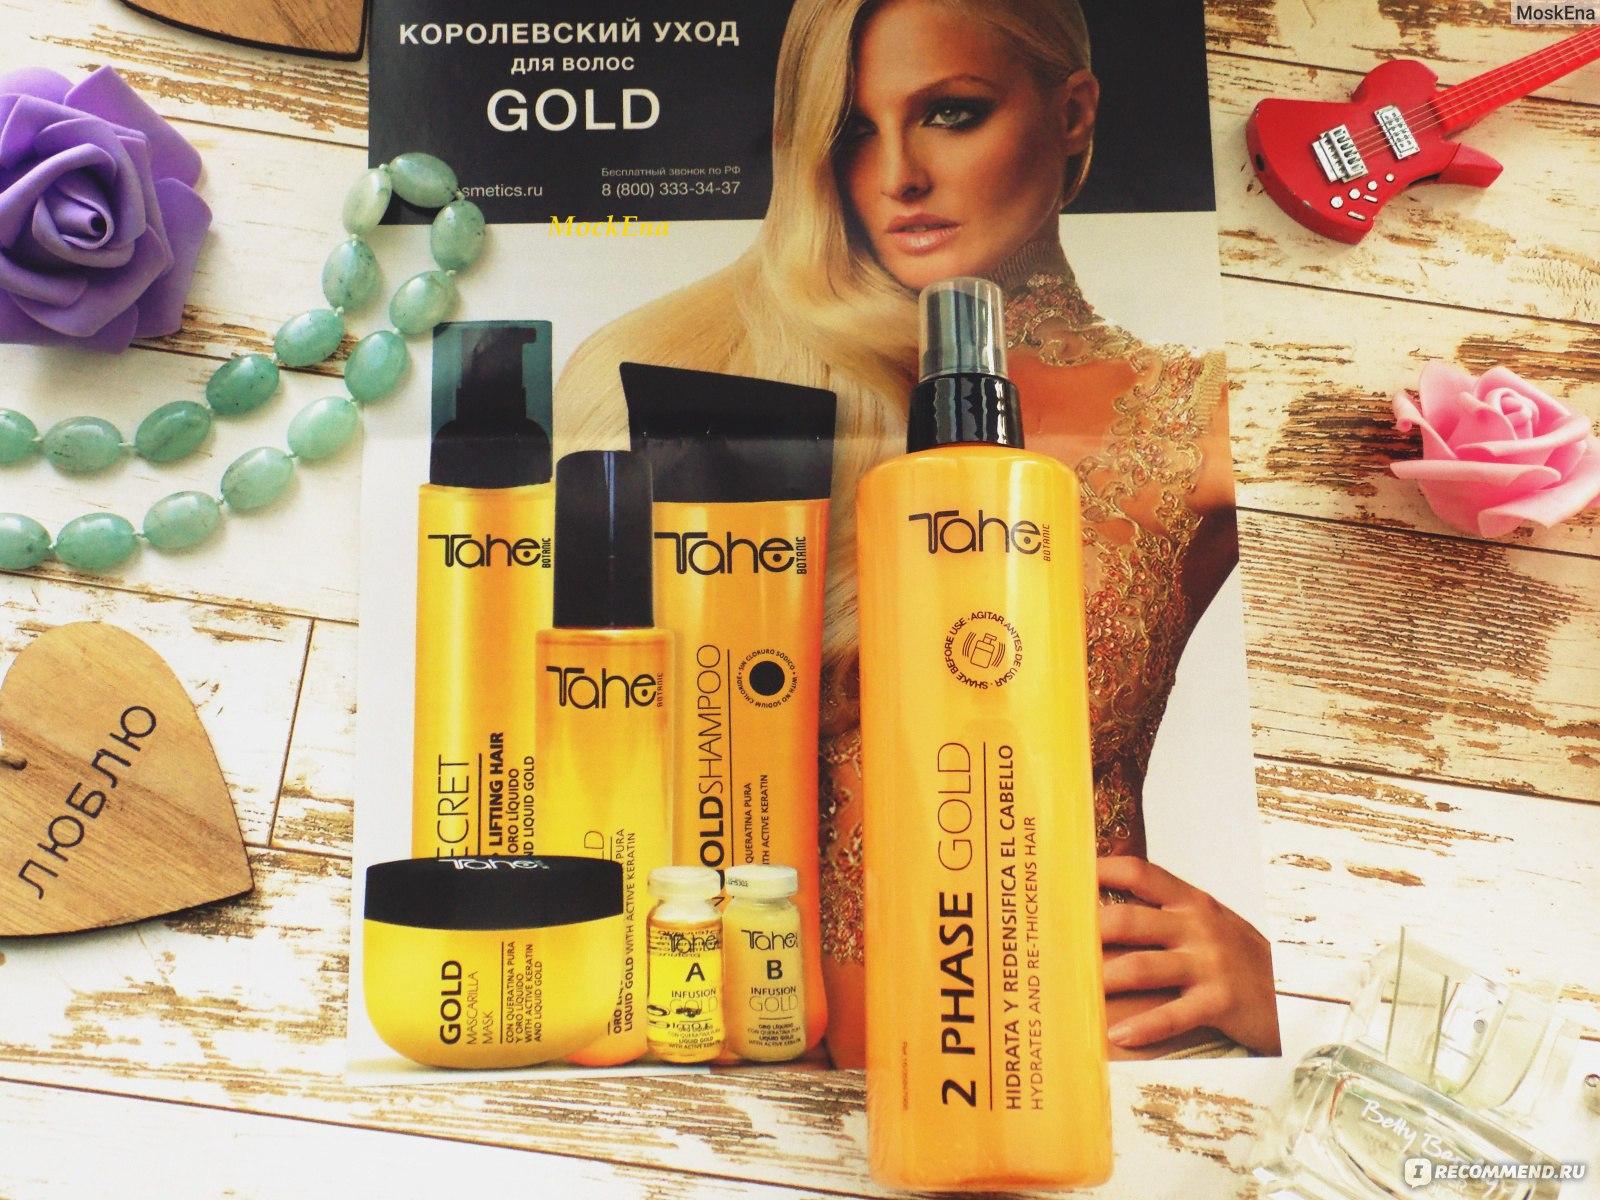 Косметика для волос tahe купить в купить косметику белита в беларуси